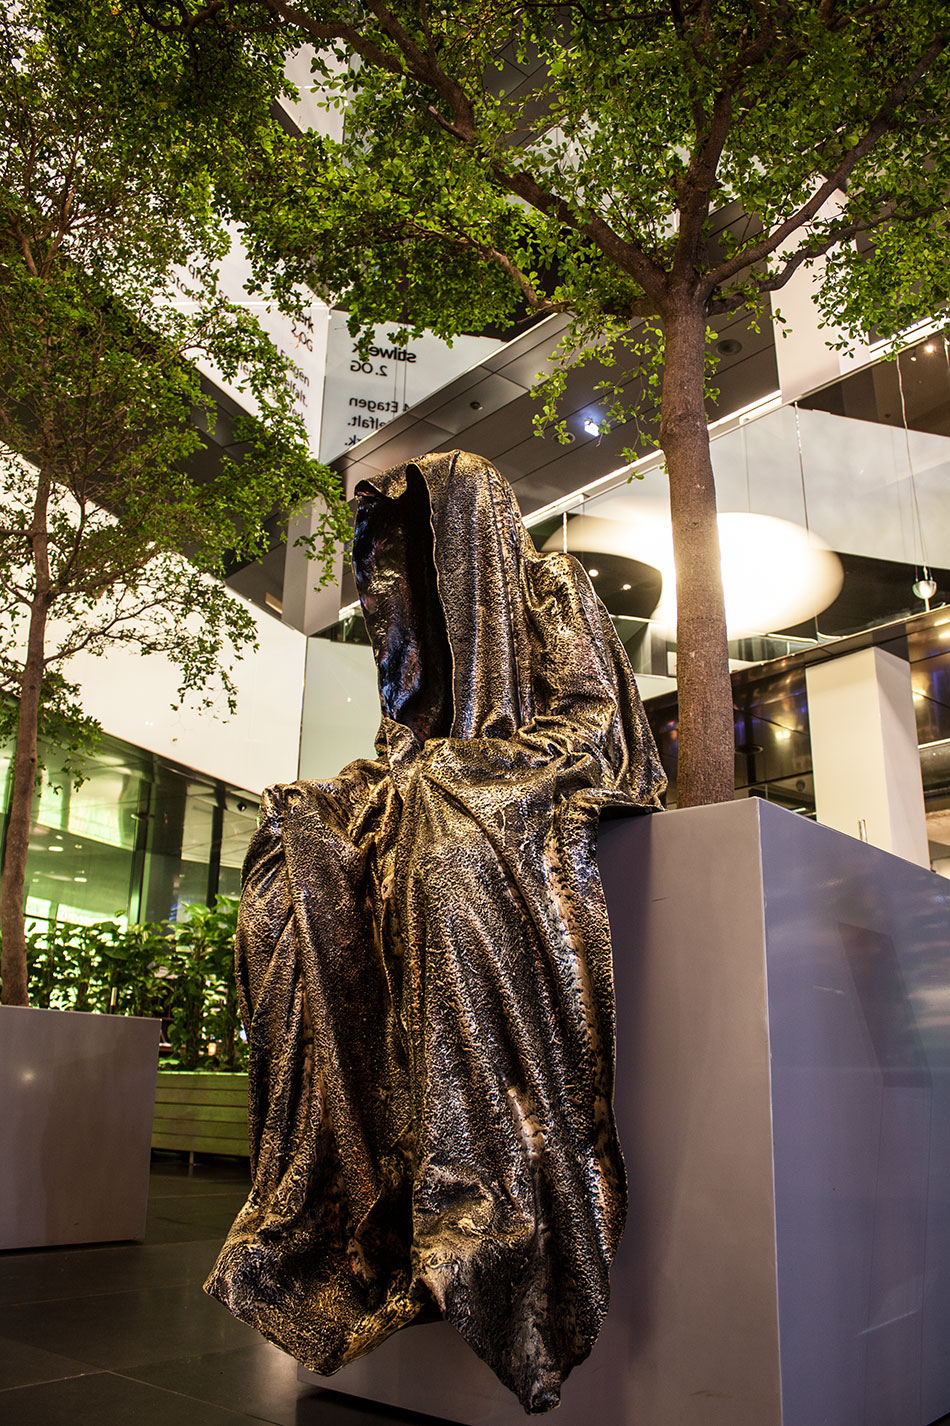 stilwerk-wien-design-tower-vienna-duekouba-designkooperation-guardians-of-time-manfred-kieli-kielnhofer-contemporary-fine-art-arts-design-installation-antique-show-4841